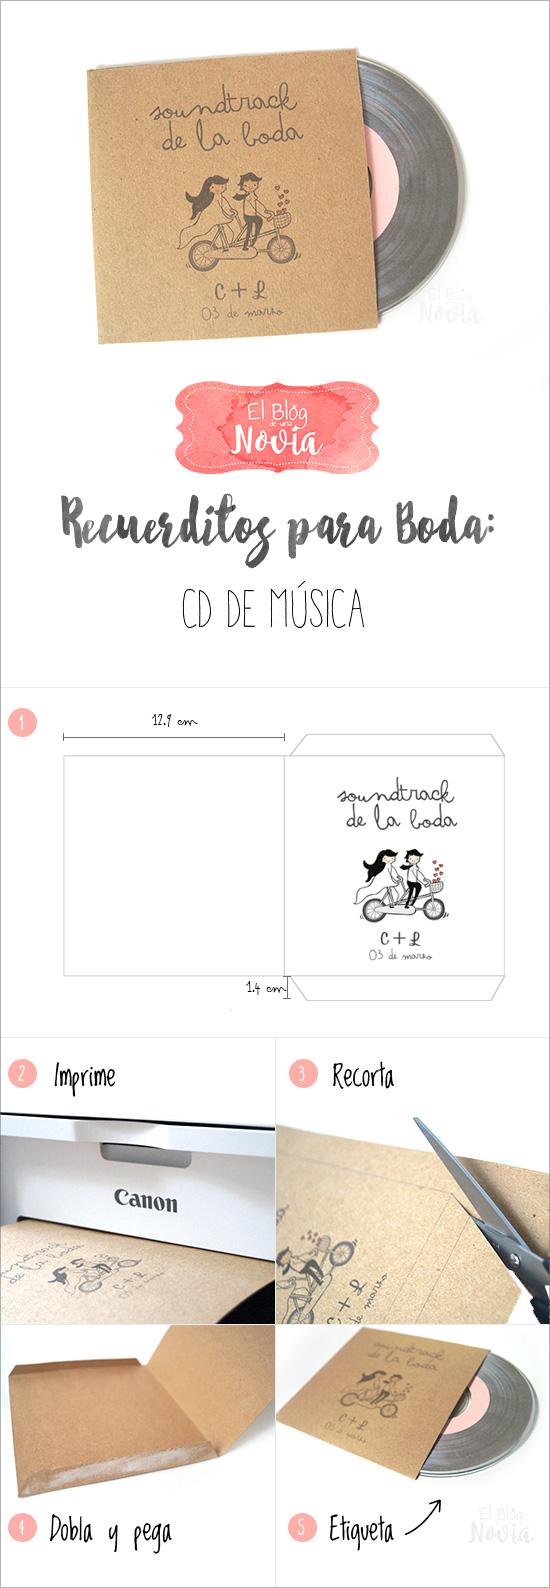 DIY Cd de música para los invitados como recuerdo de boda